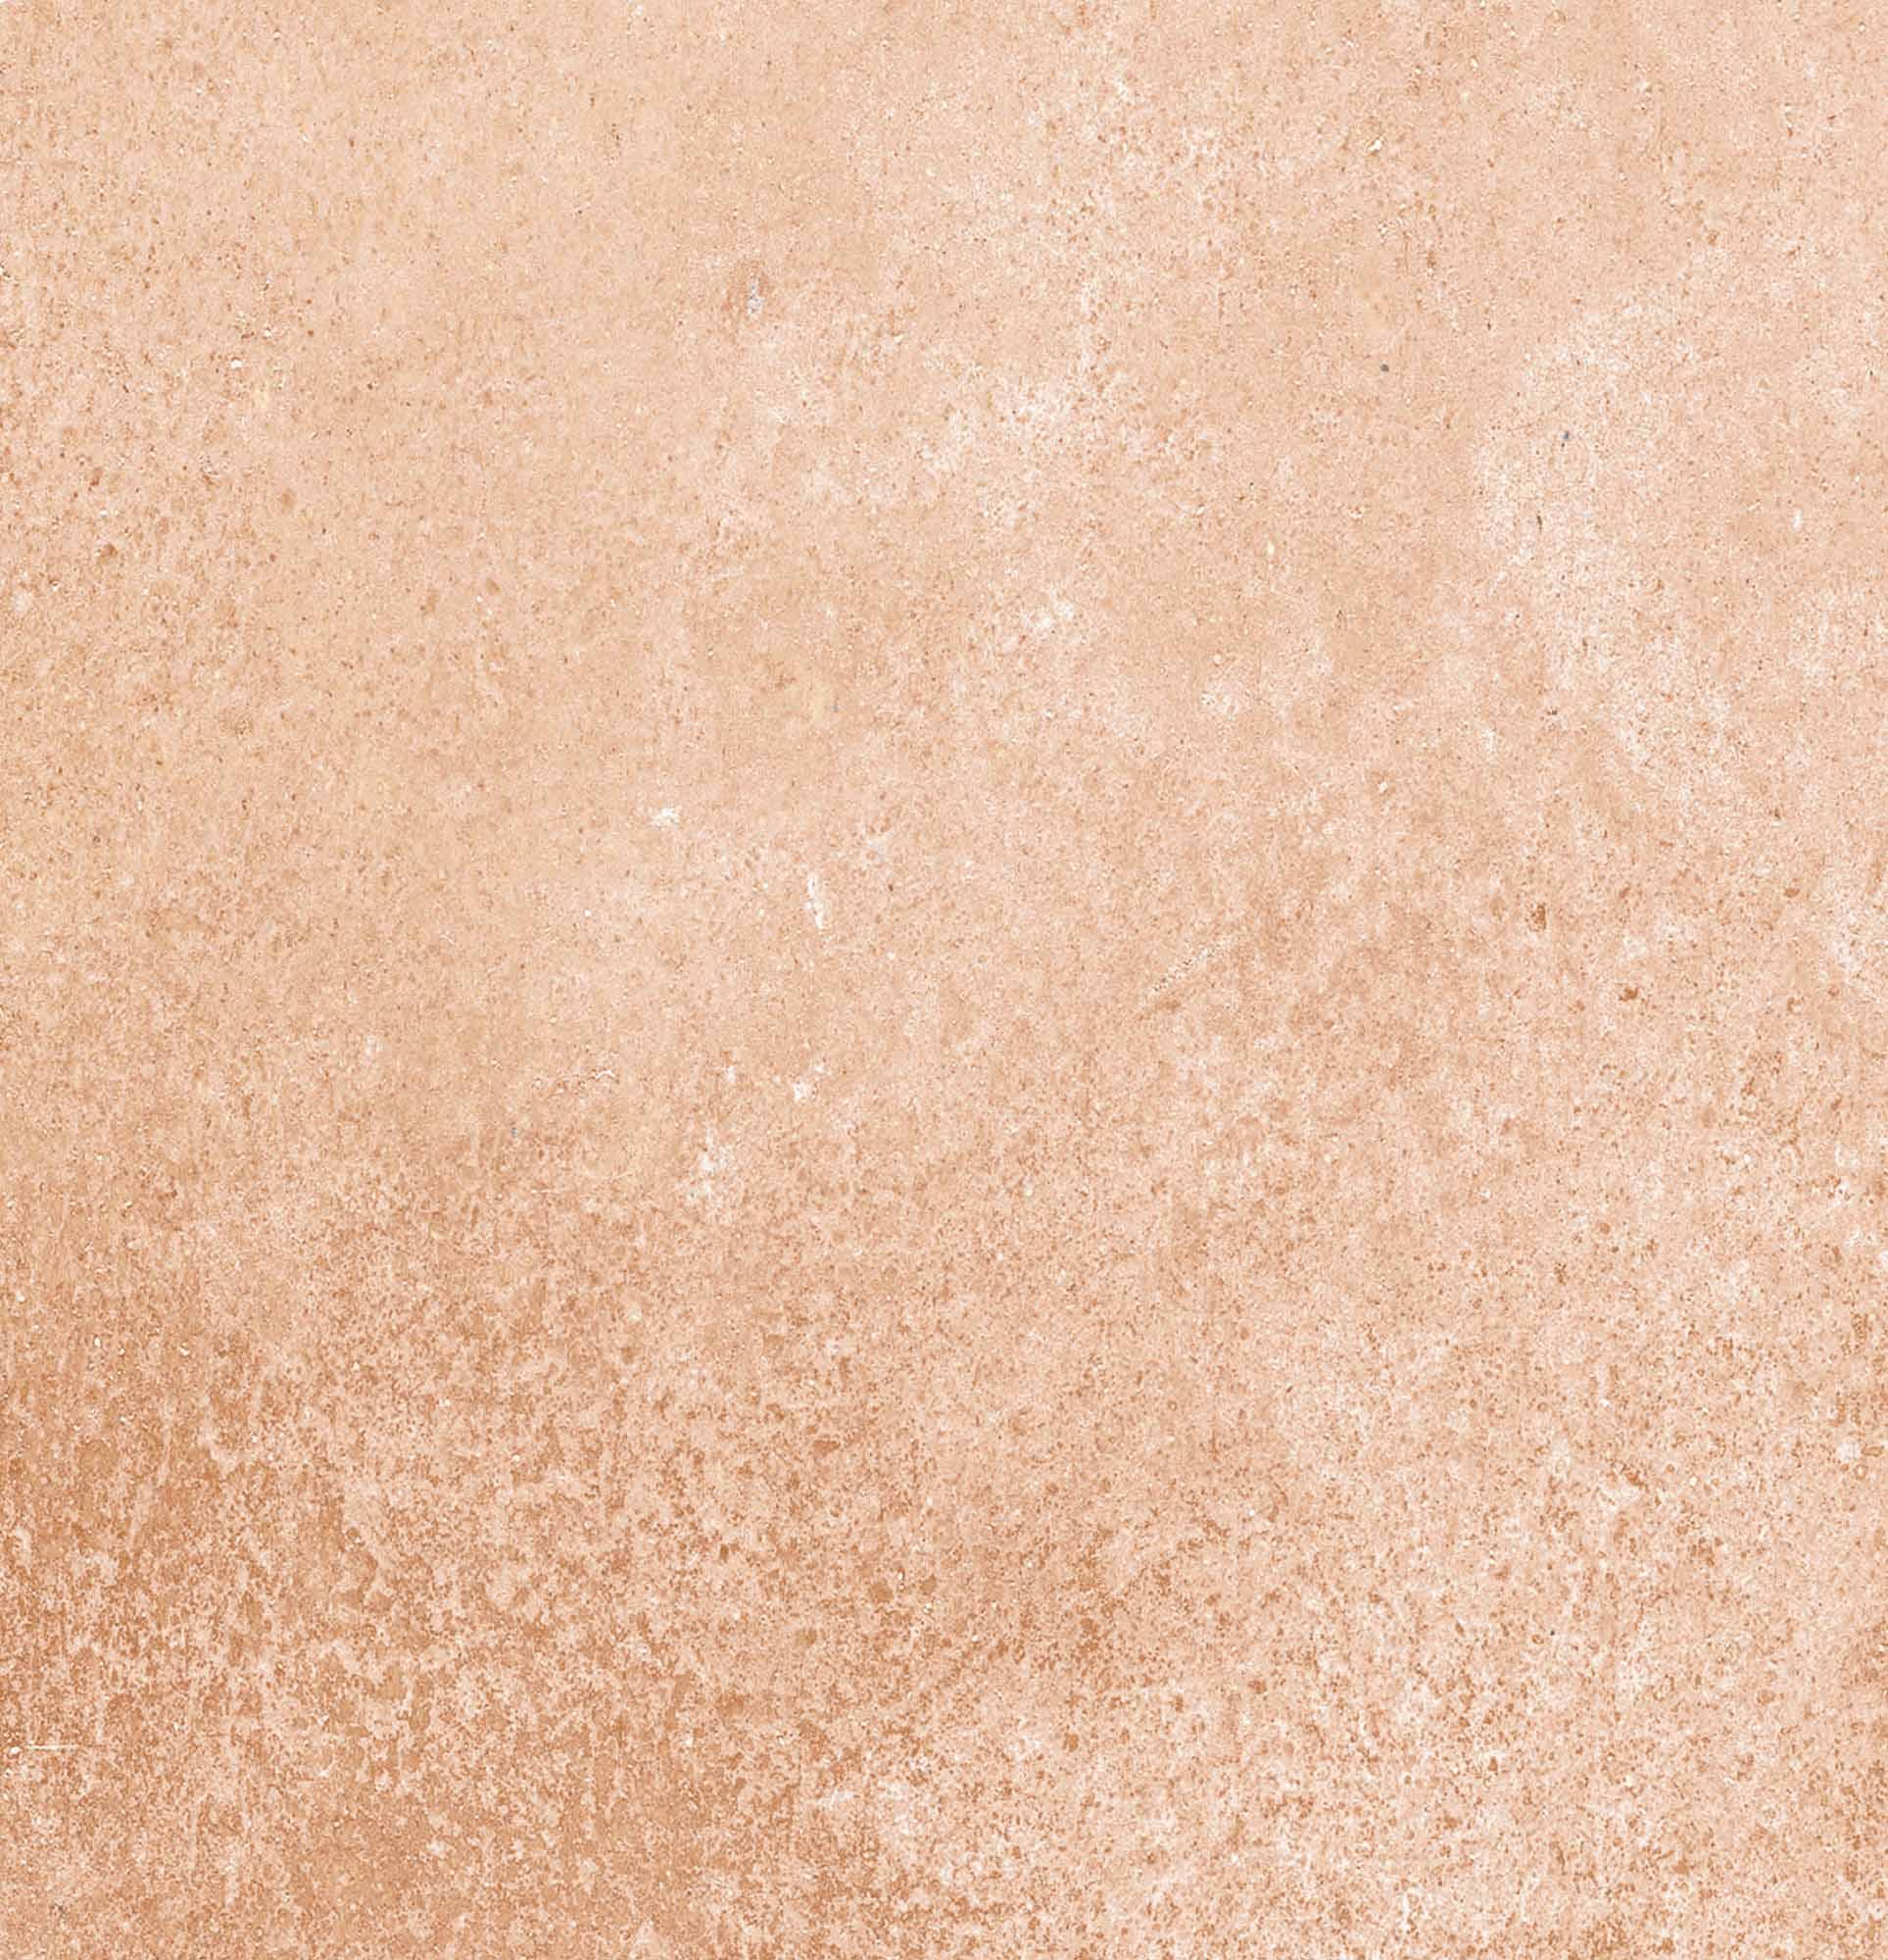 Full Size of Prato Bodenfliese 60x60cm Atala Fliesen Und Sanitrhandel Berlin Landhaus Regal Weiß Küche Fenster Landhausküche Gebraucht Landhausstil Bad Bodenfliesen Sofa Wohnzimmer Bodenfliesen Landhaus